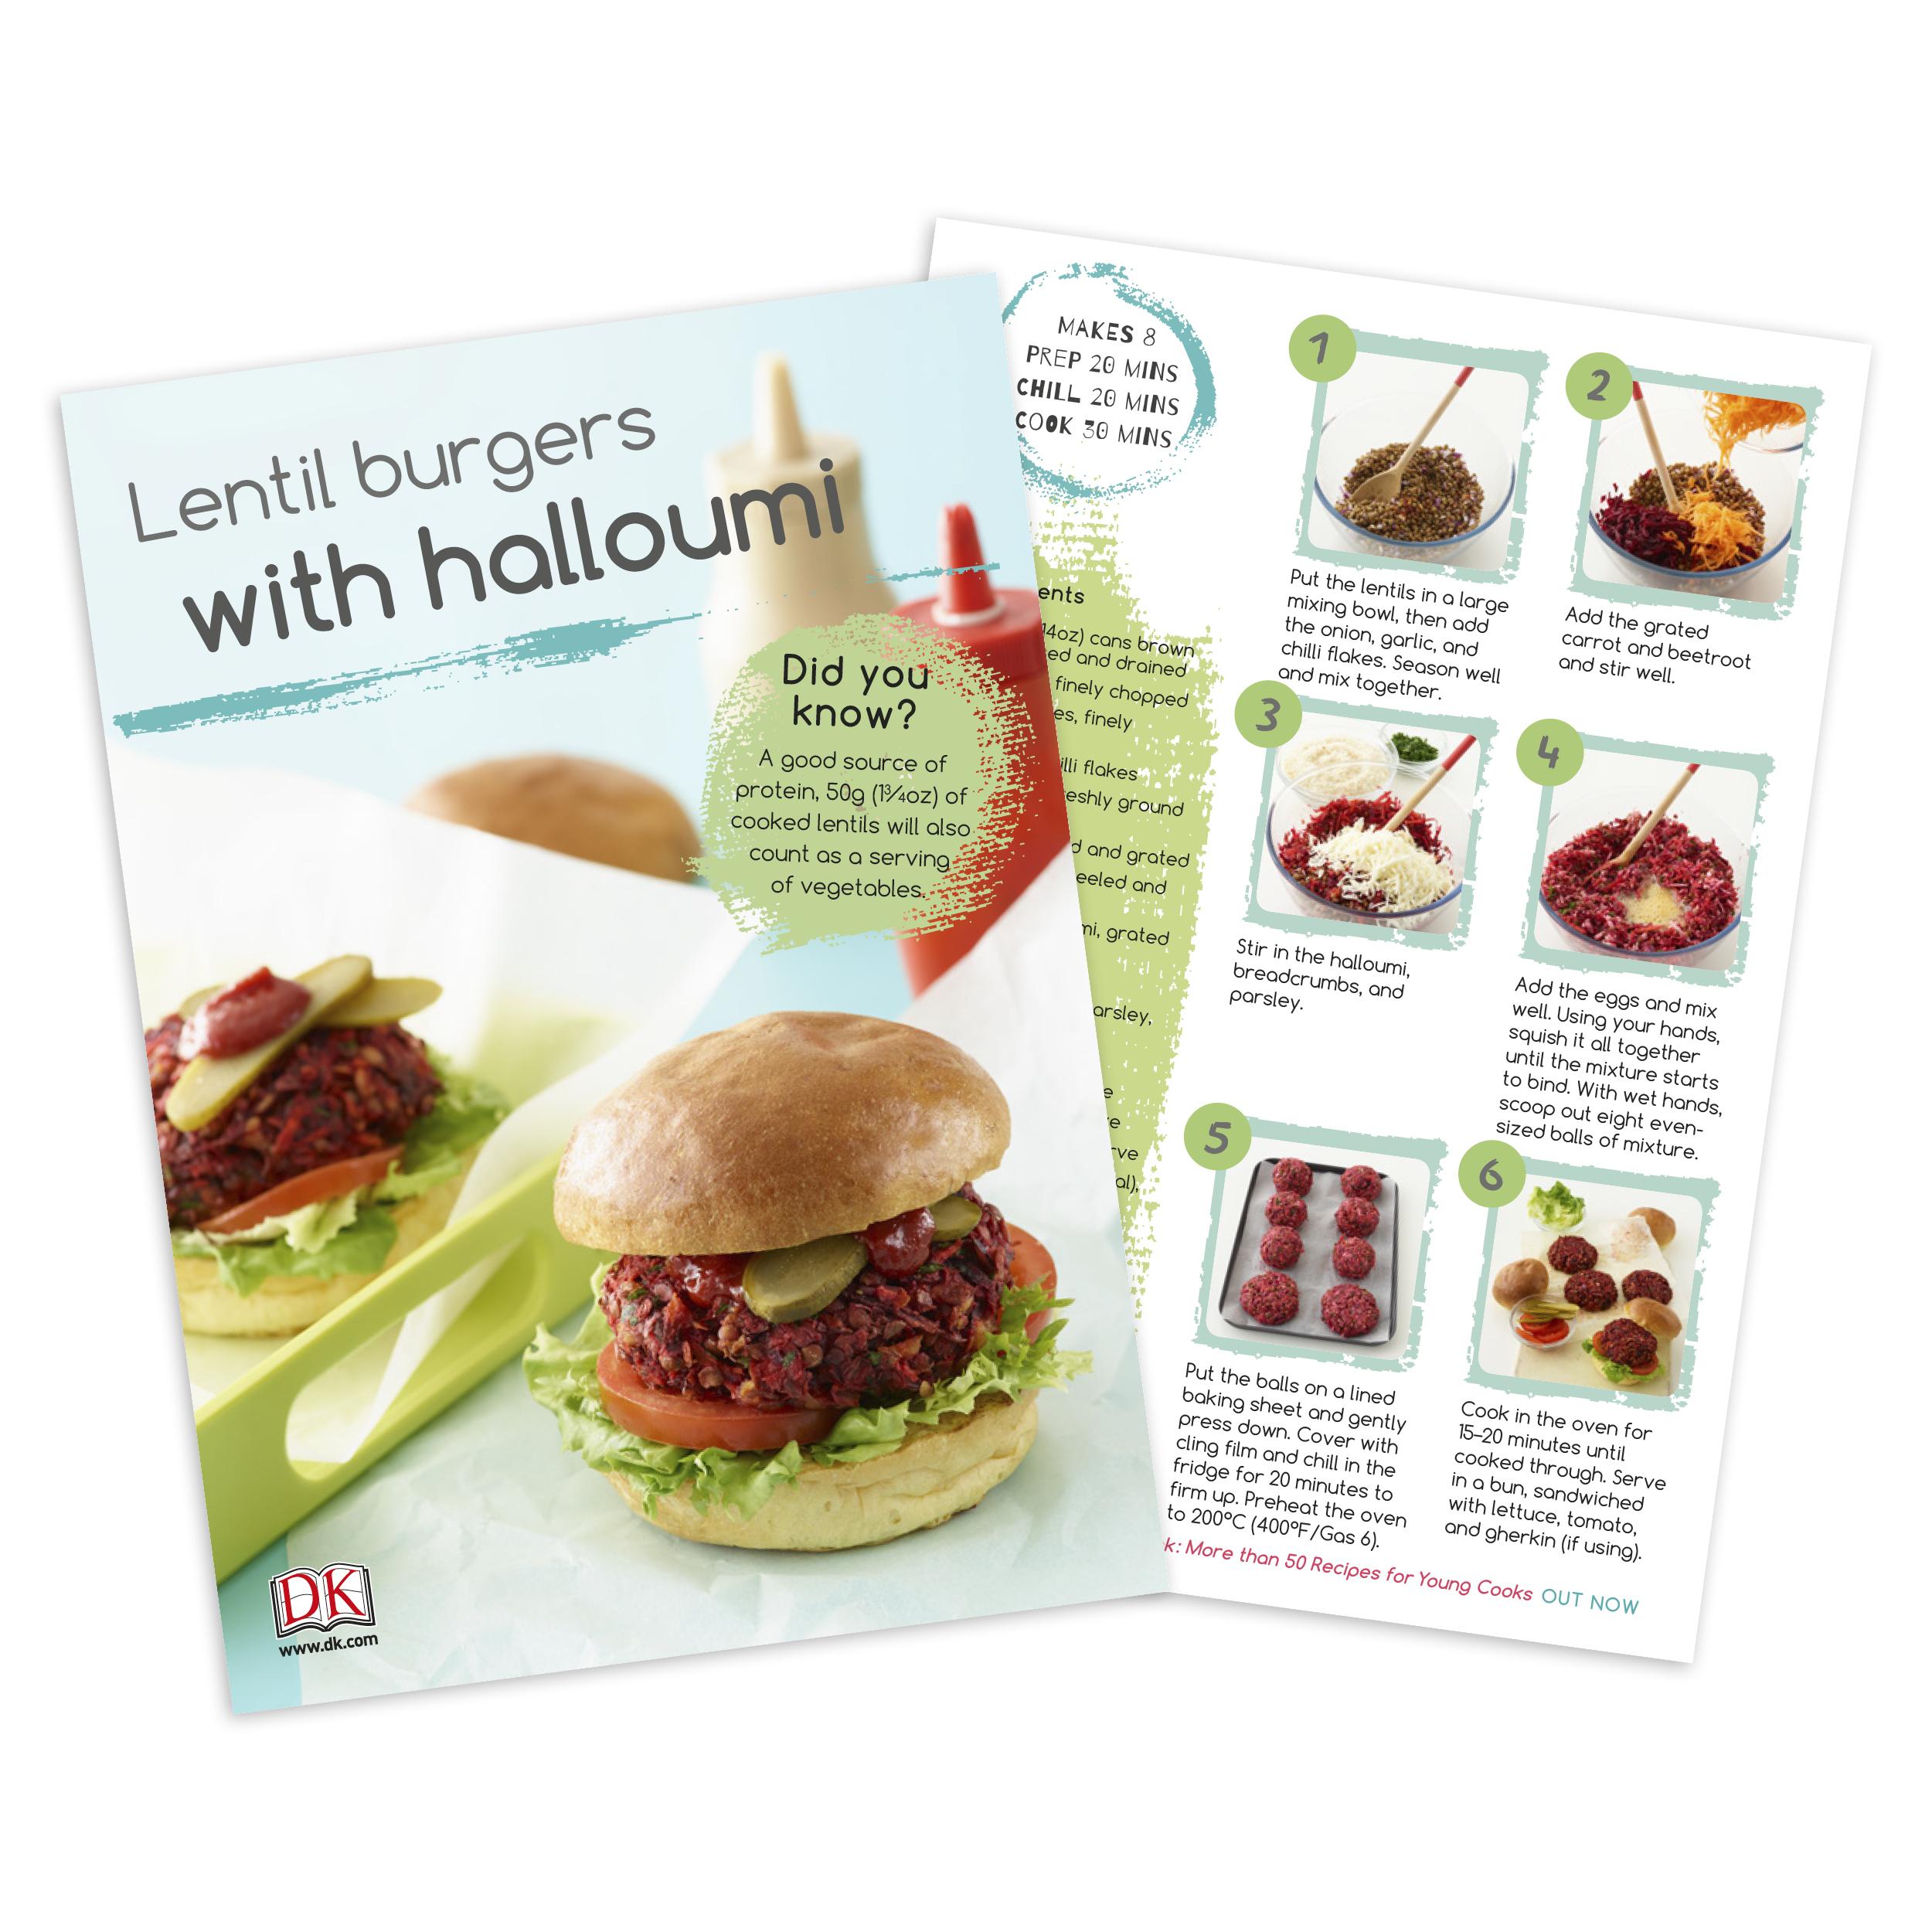 The Vegetarian Cookbook recipe card